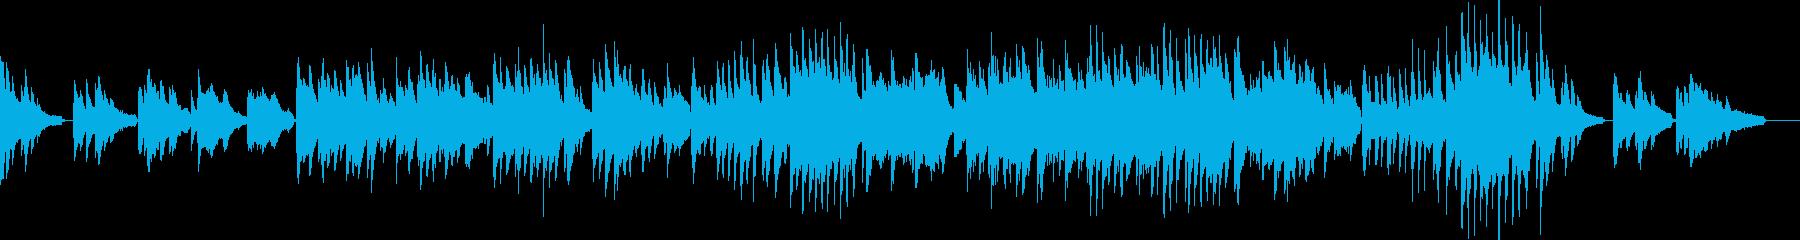 唱歌「桜井の訣別」しっとりピアノソロの再生済みの波形